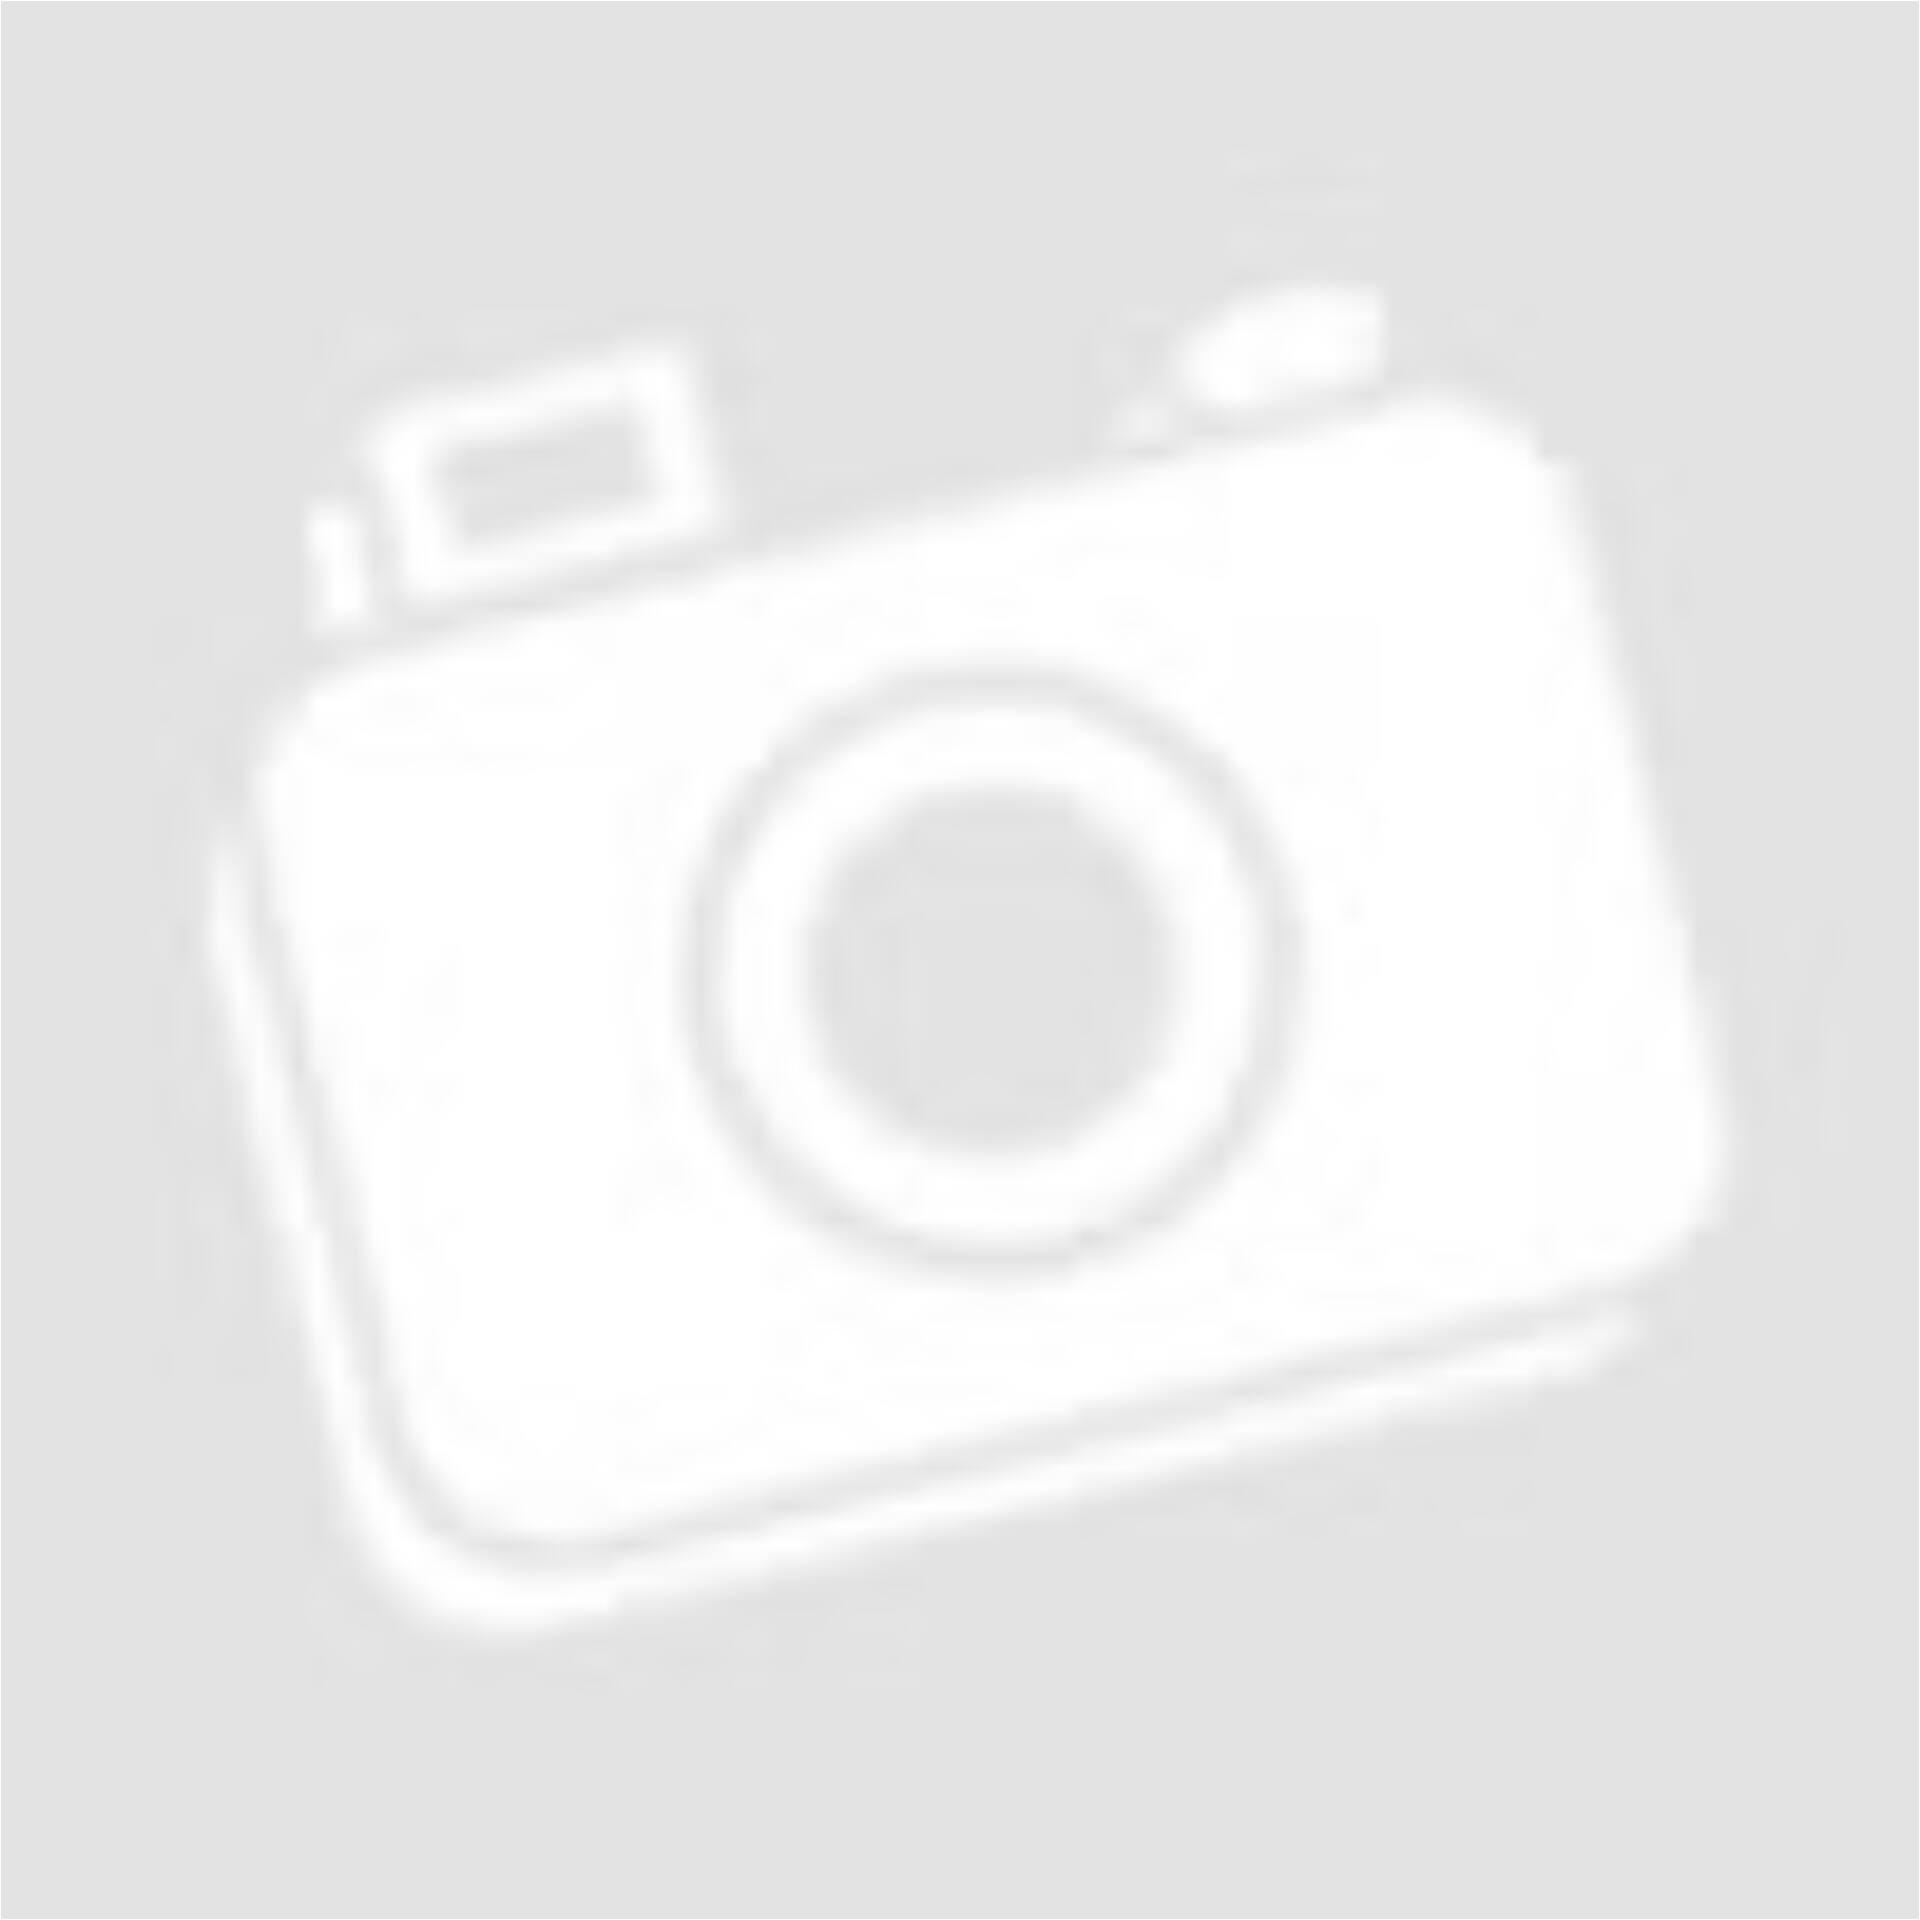 ZARA BASIC kék színű divatos női blúz (Méret  XS) - Női felső 0619a24f3e